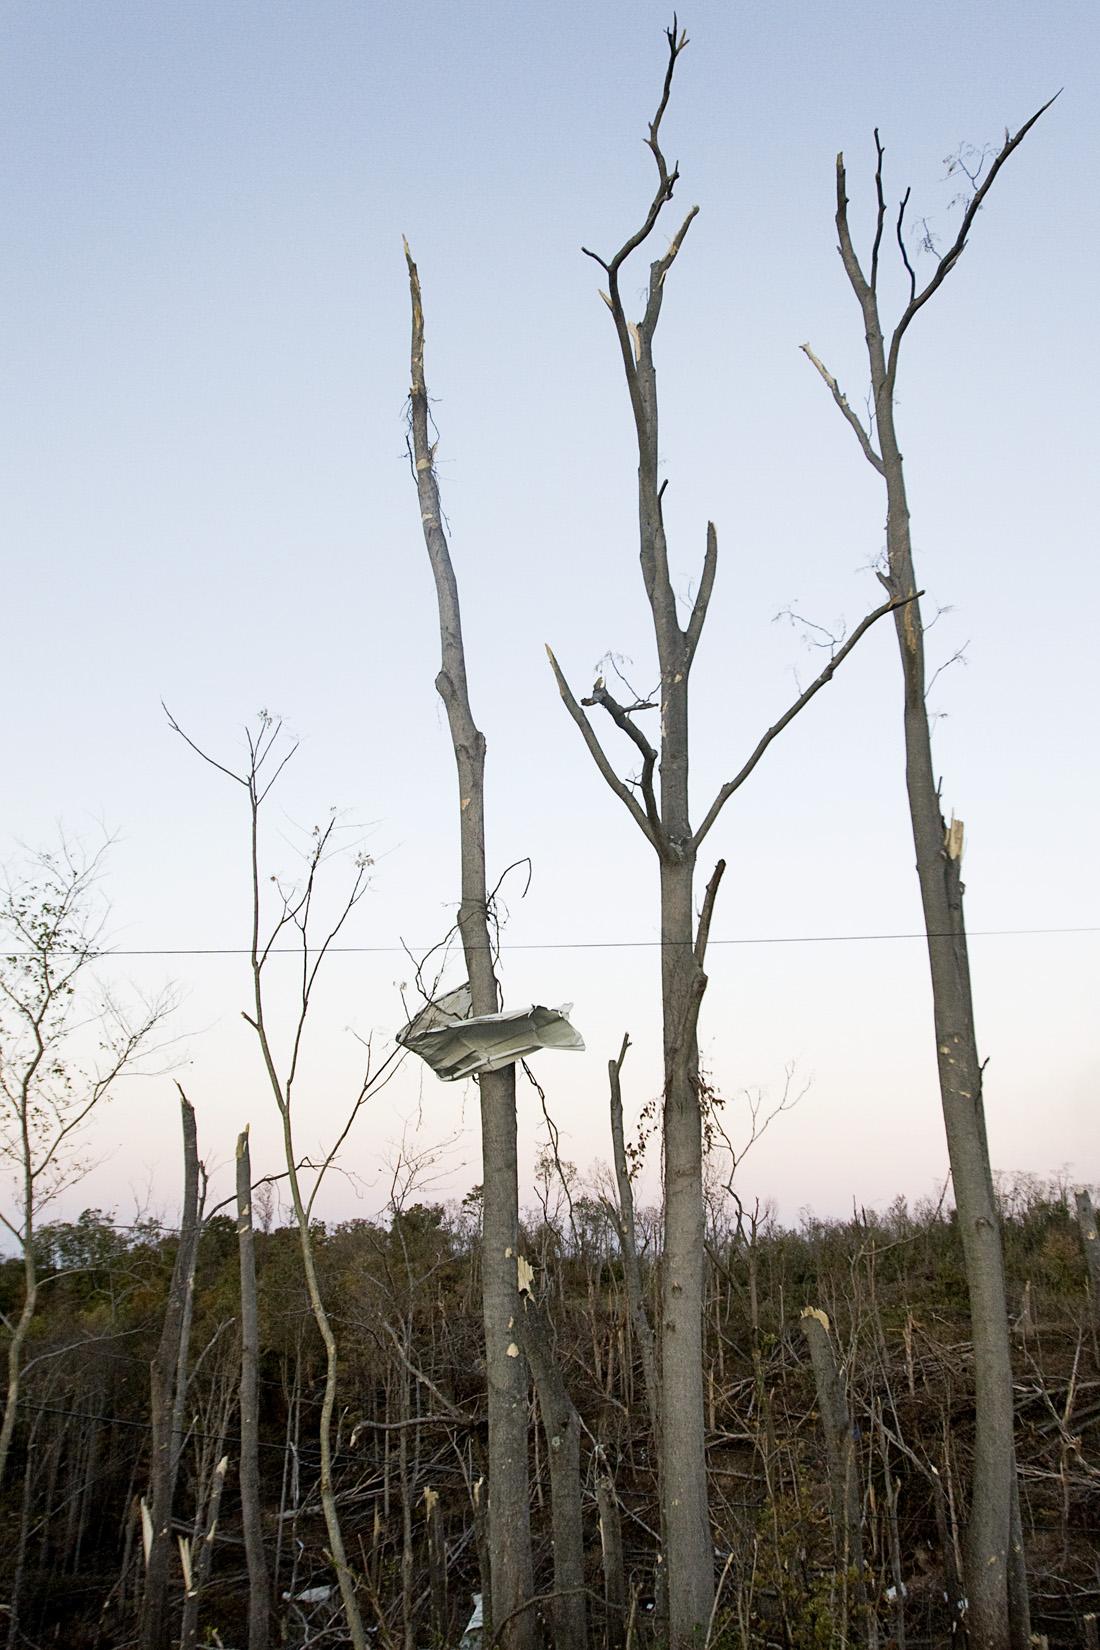 Debris rests among broken trees in Reedsville, Ohio.